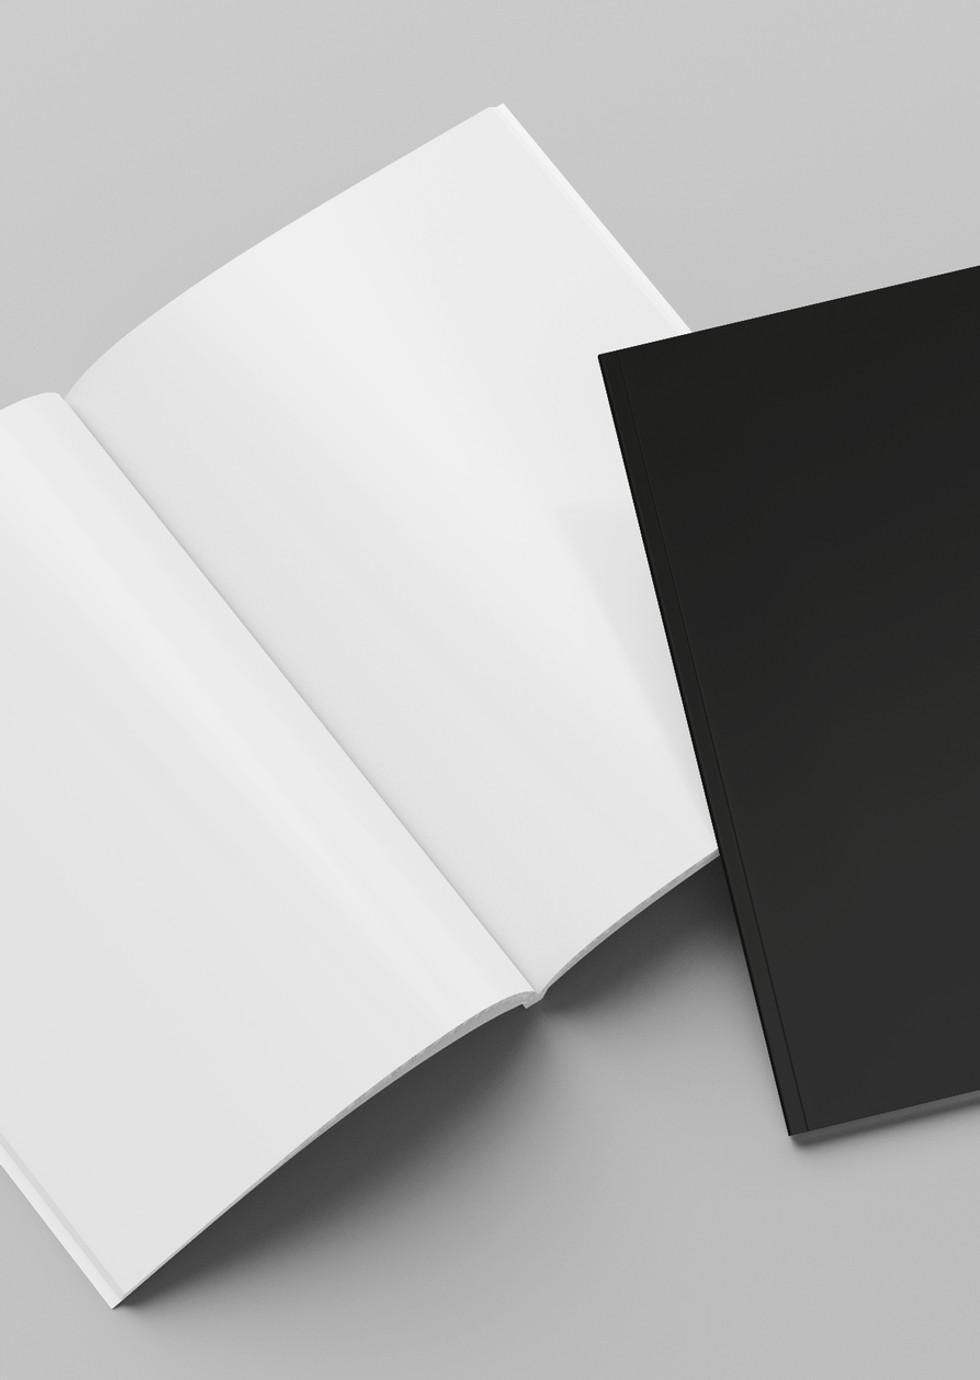 petra wolfgang/grafikdesign